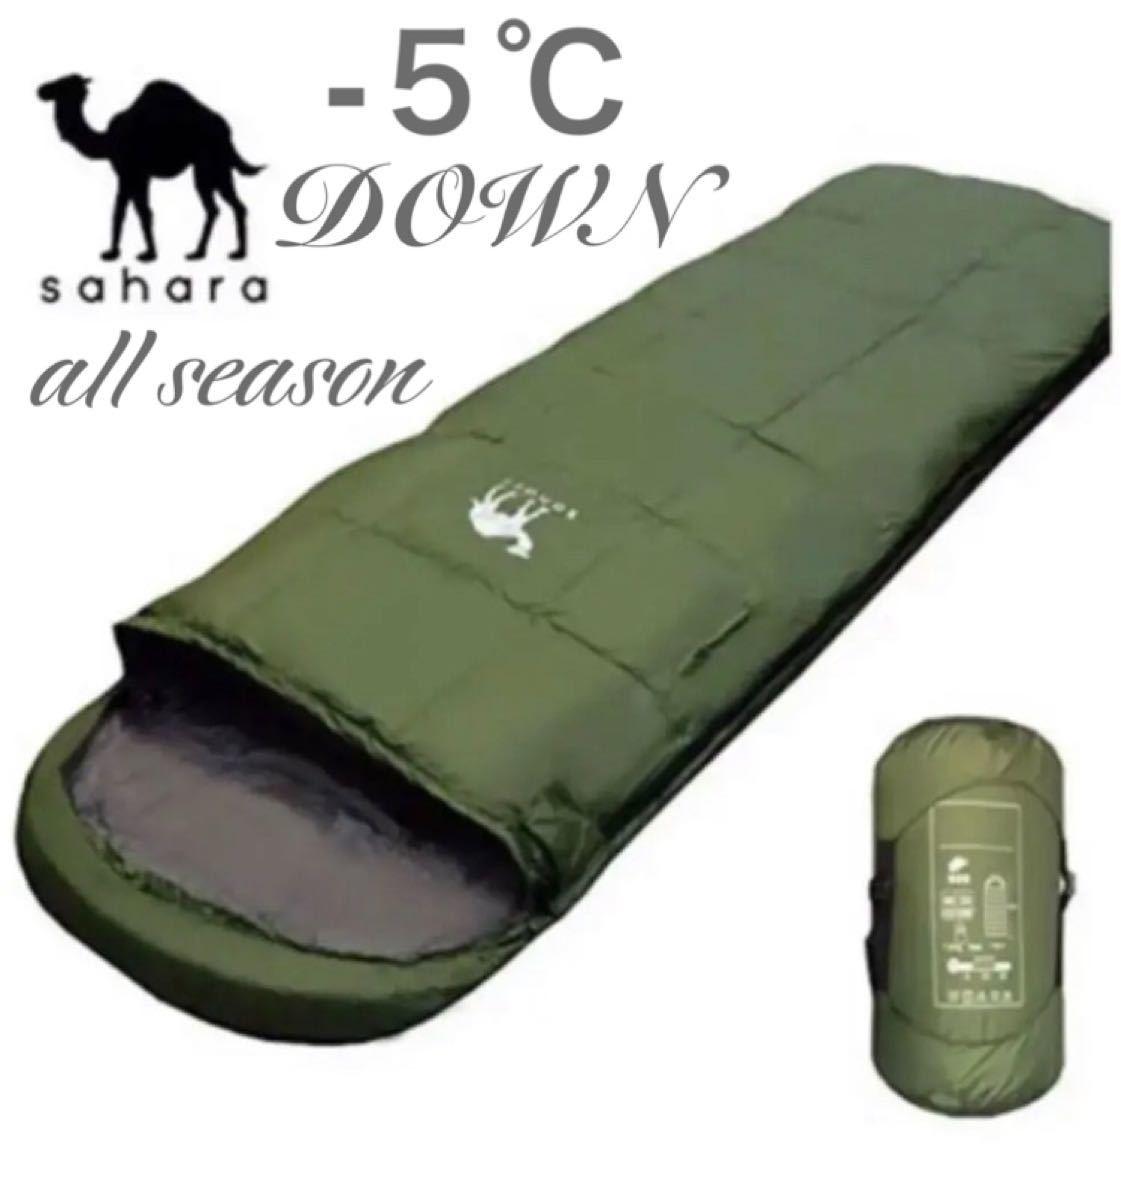 ダウン 寝袋 ダークグリーン シュラフ 封筒型 キャンプ オールシーズン -5℃ アウトドア 車中泊 防災 羽毛 軽量 コンパクト